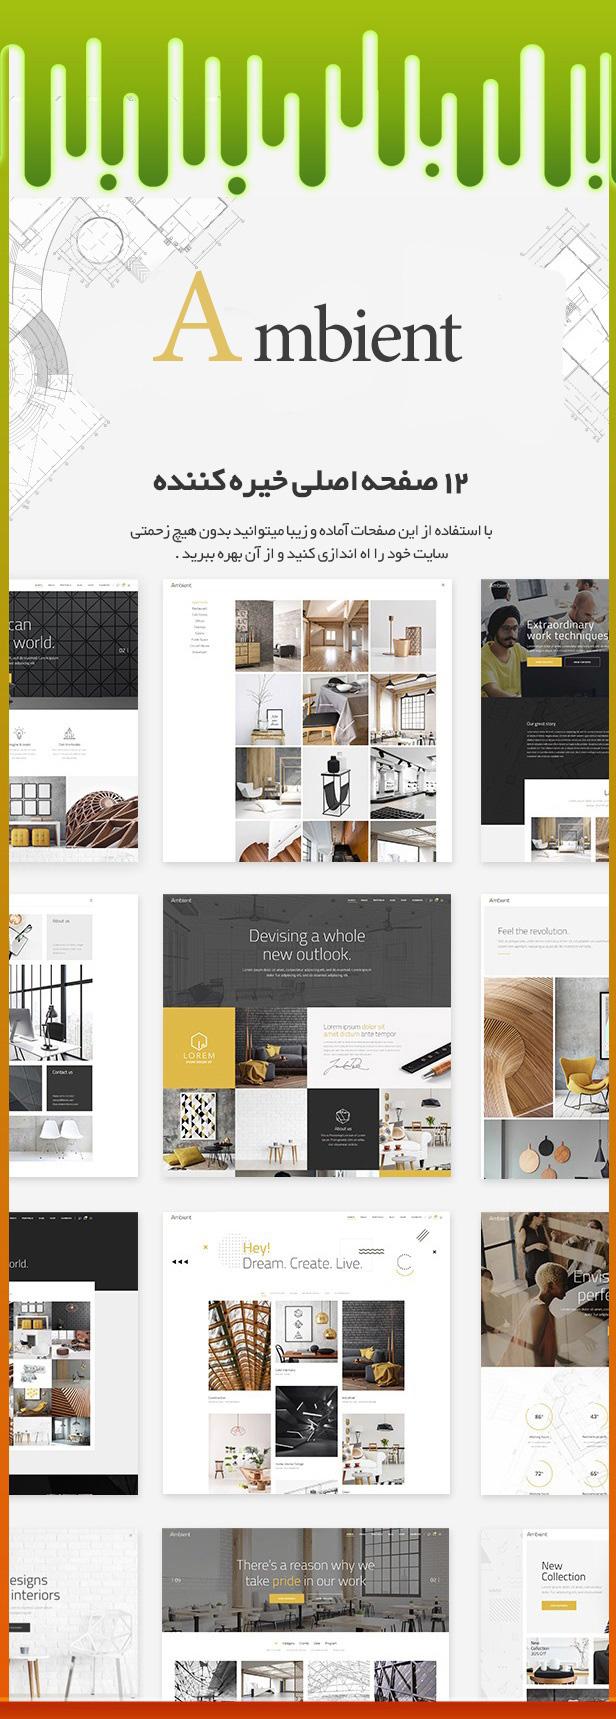 قالب معماری و دکوراسیون داخلی Ambient